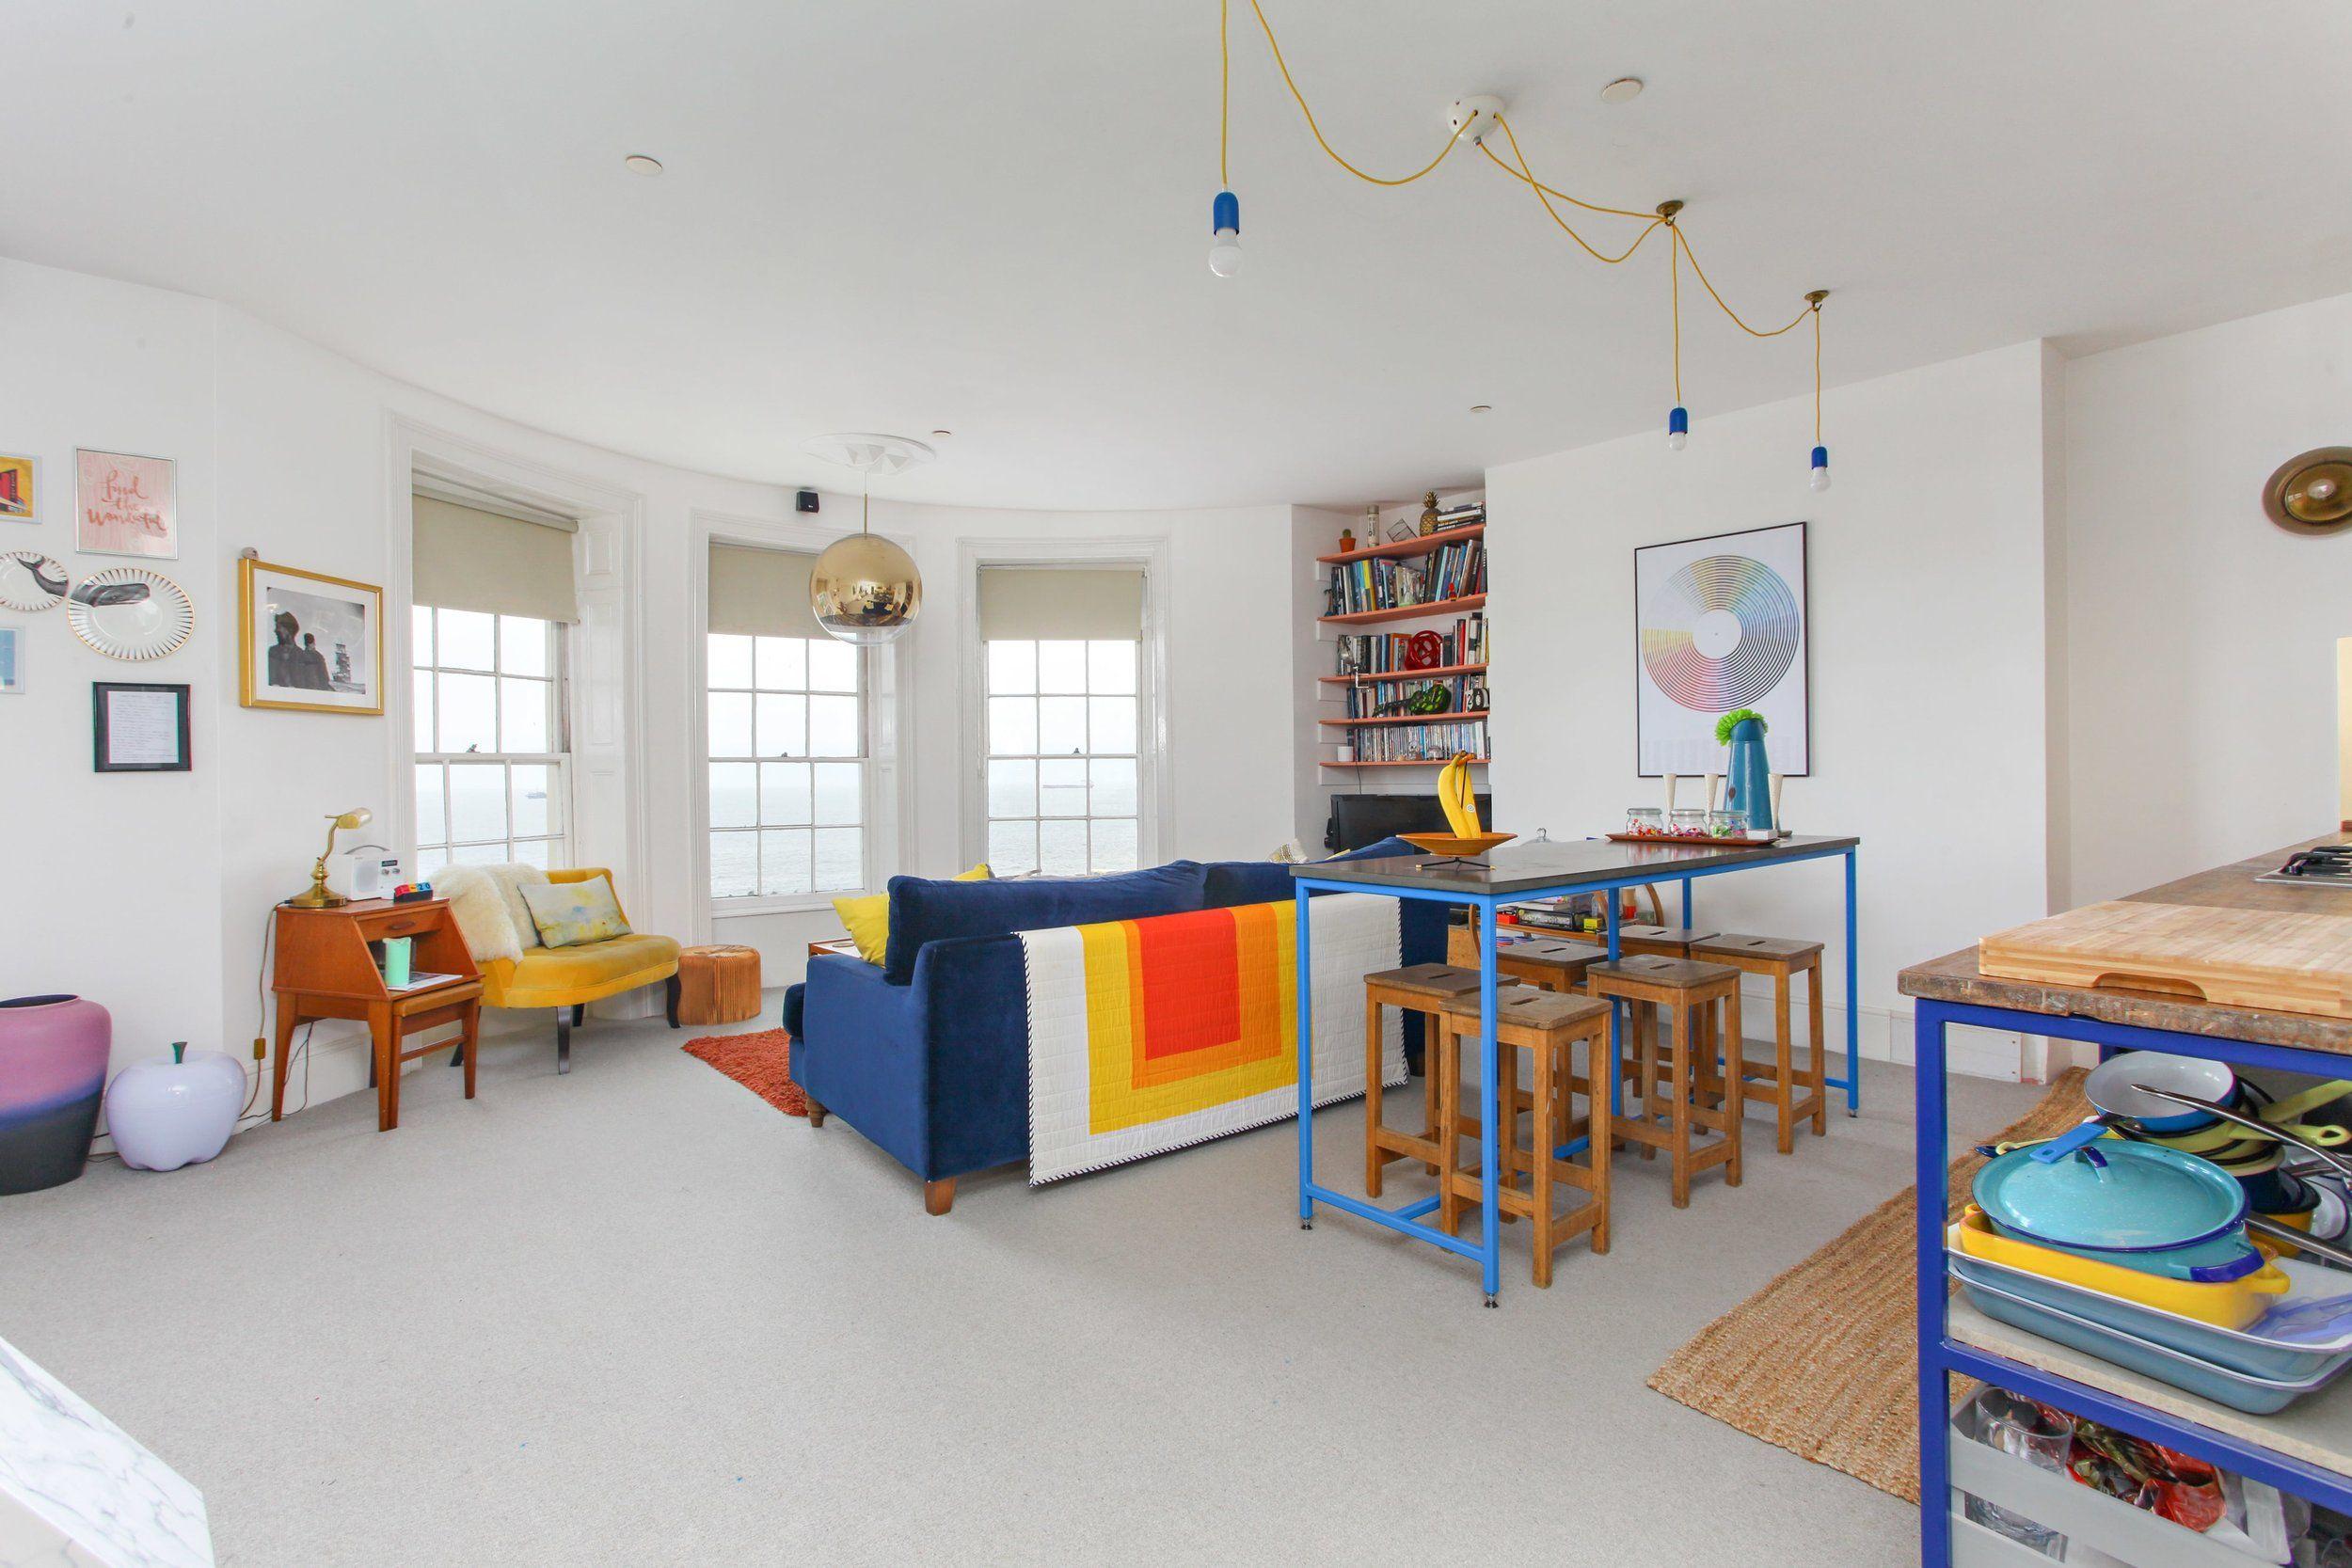 Jim Biddulph | Material, Colour & Interiors Consultant | Sweet Dreams